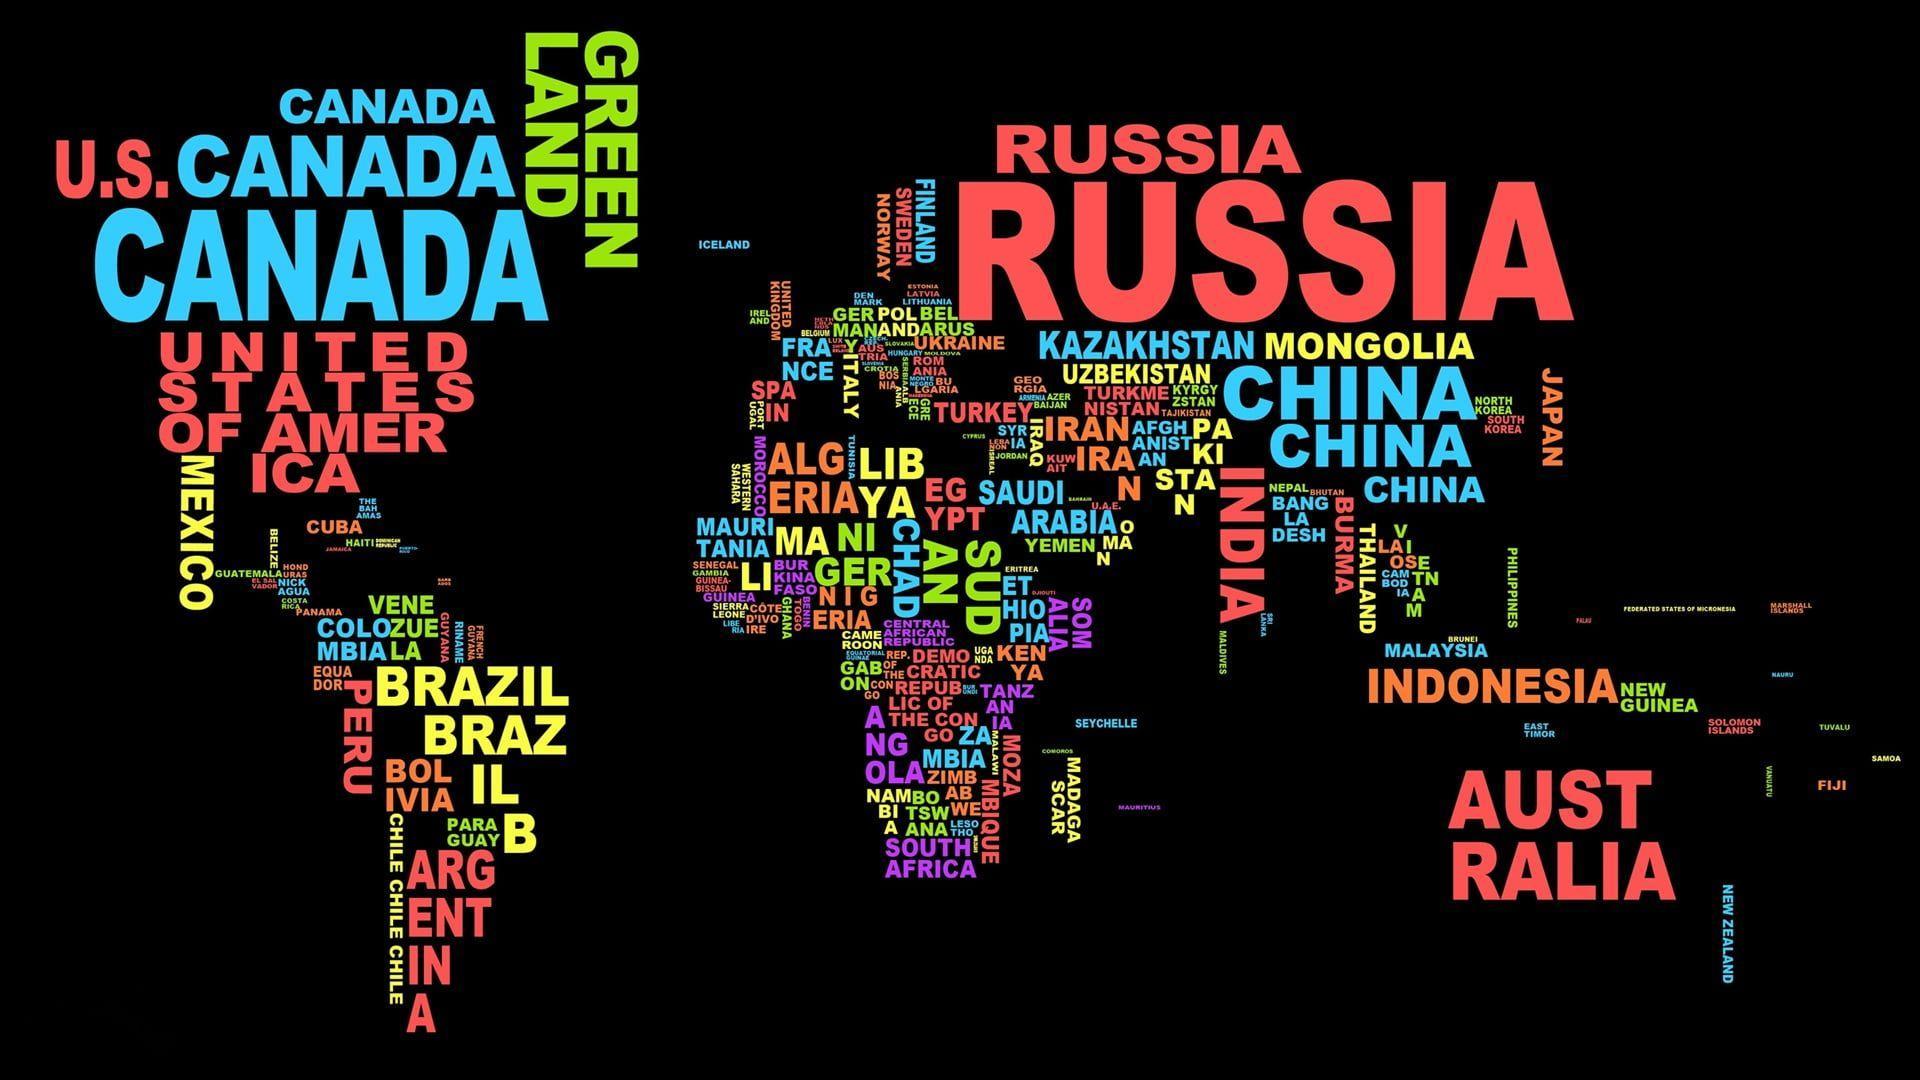 1920x1080 Ảnh bản đồ thế giới ở định dạng văn bản hình nền HD